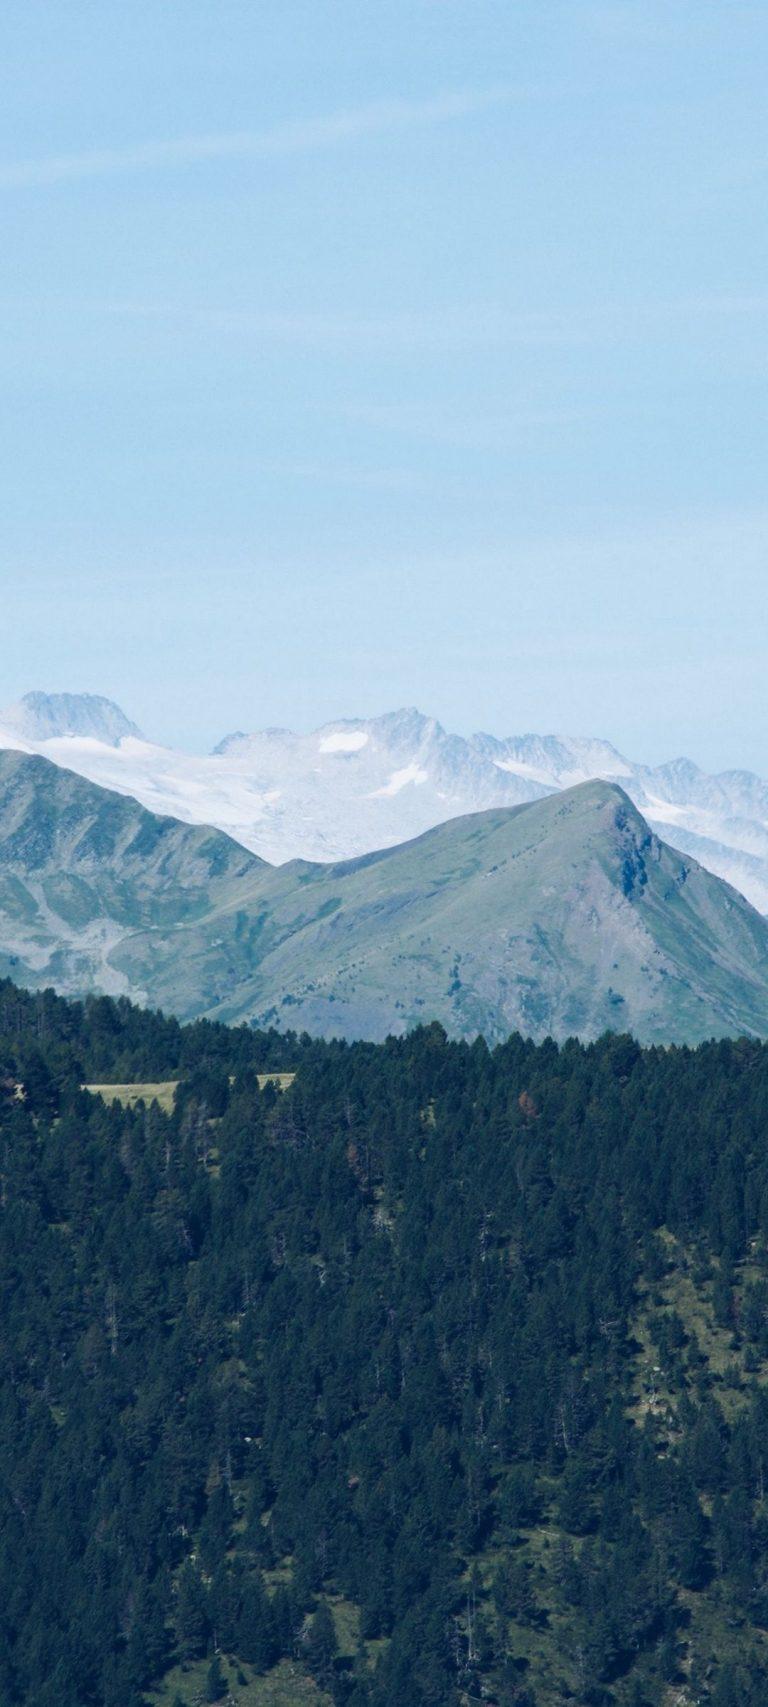 Mountain Range Mountains Trees